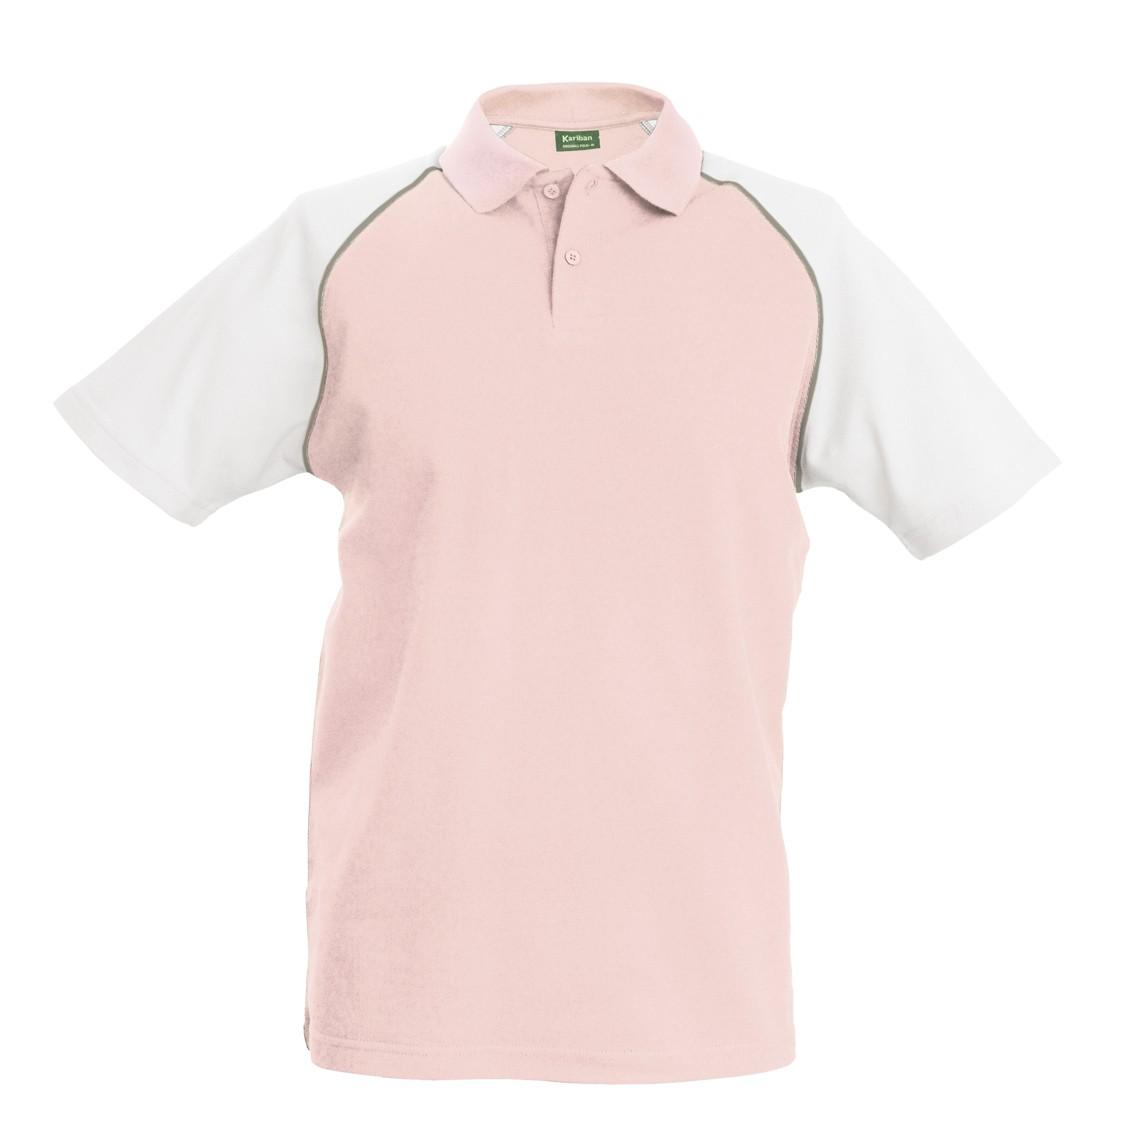 K226 Pink - White